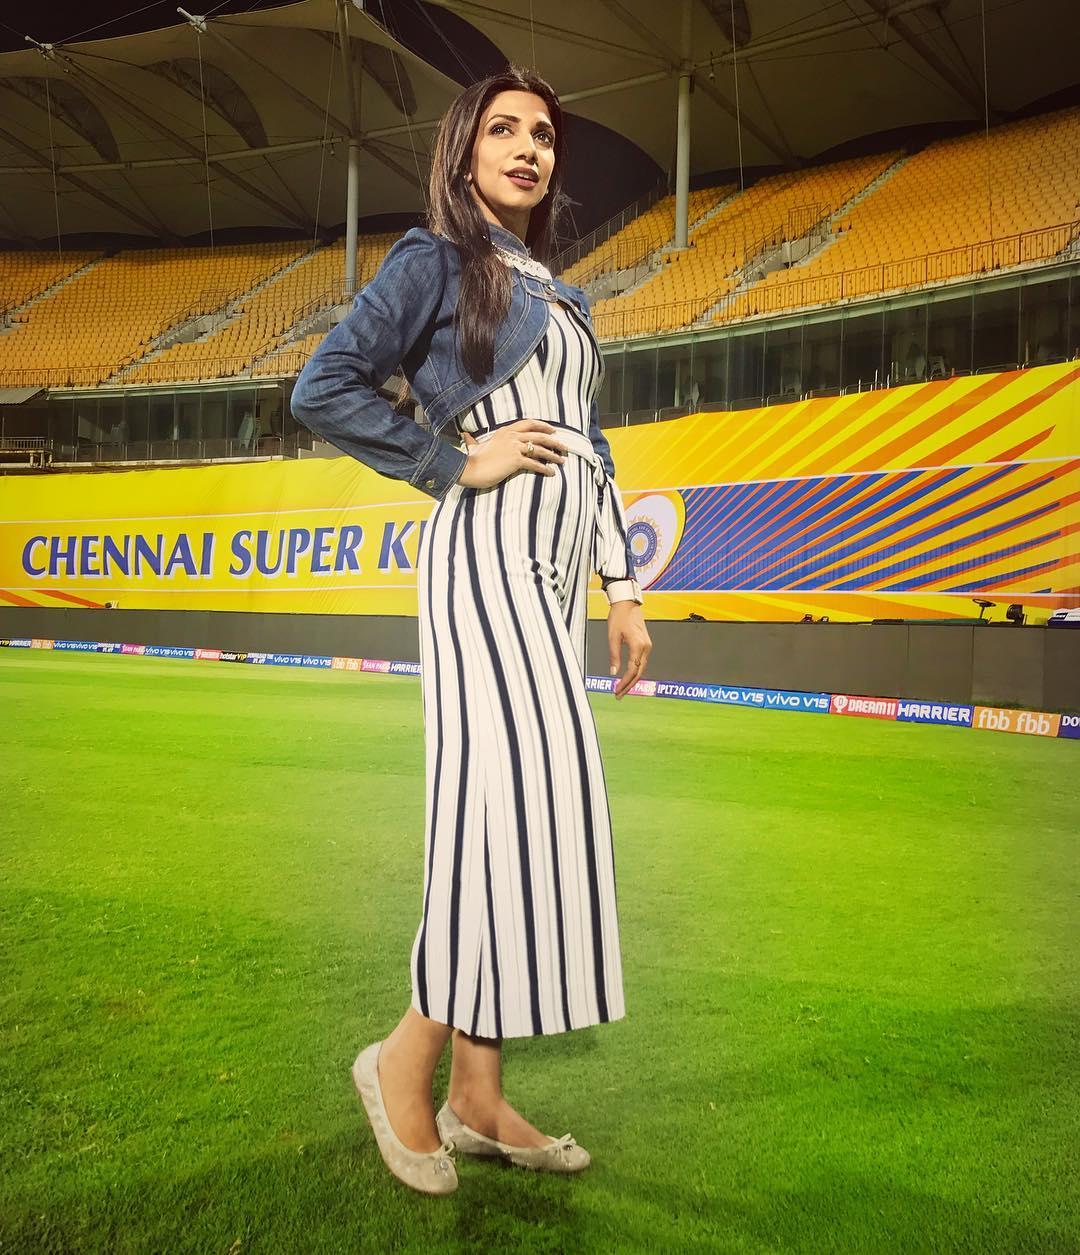 आईपीएल की हॉट महिला होस्ट/प्रजेंटर के रूप में नया नाम भावना बालकृष्णन का शामिल हुआ है. वह टीवी प्रजेंटर के अलावा स्टेज सिंगर और RJ के रूप में भी खास पहचान रखती हैं. जबकि वो खूबसूरत तो हैं ही.(photo-Instagram)